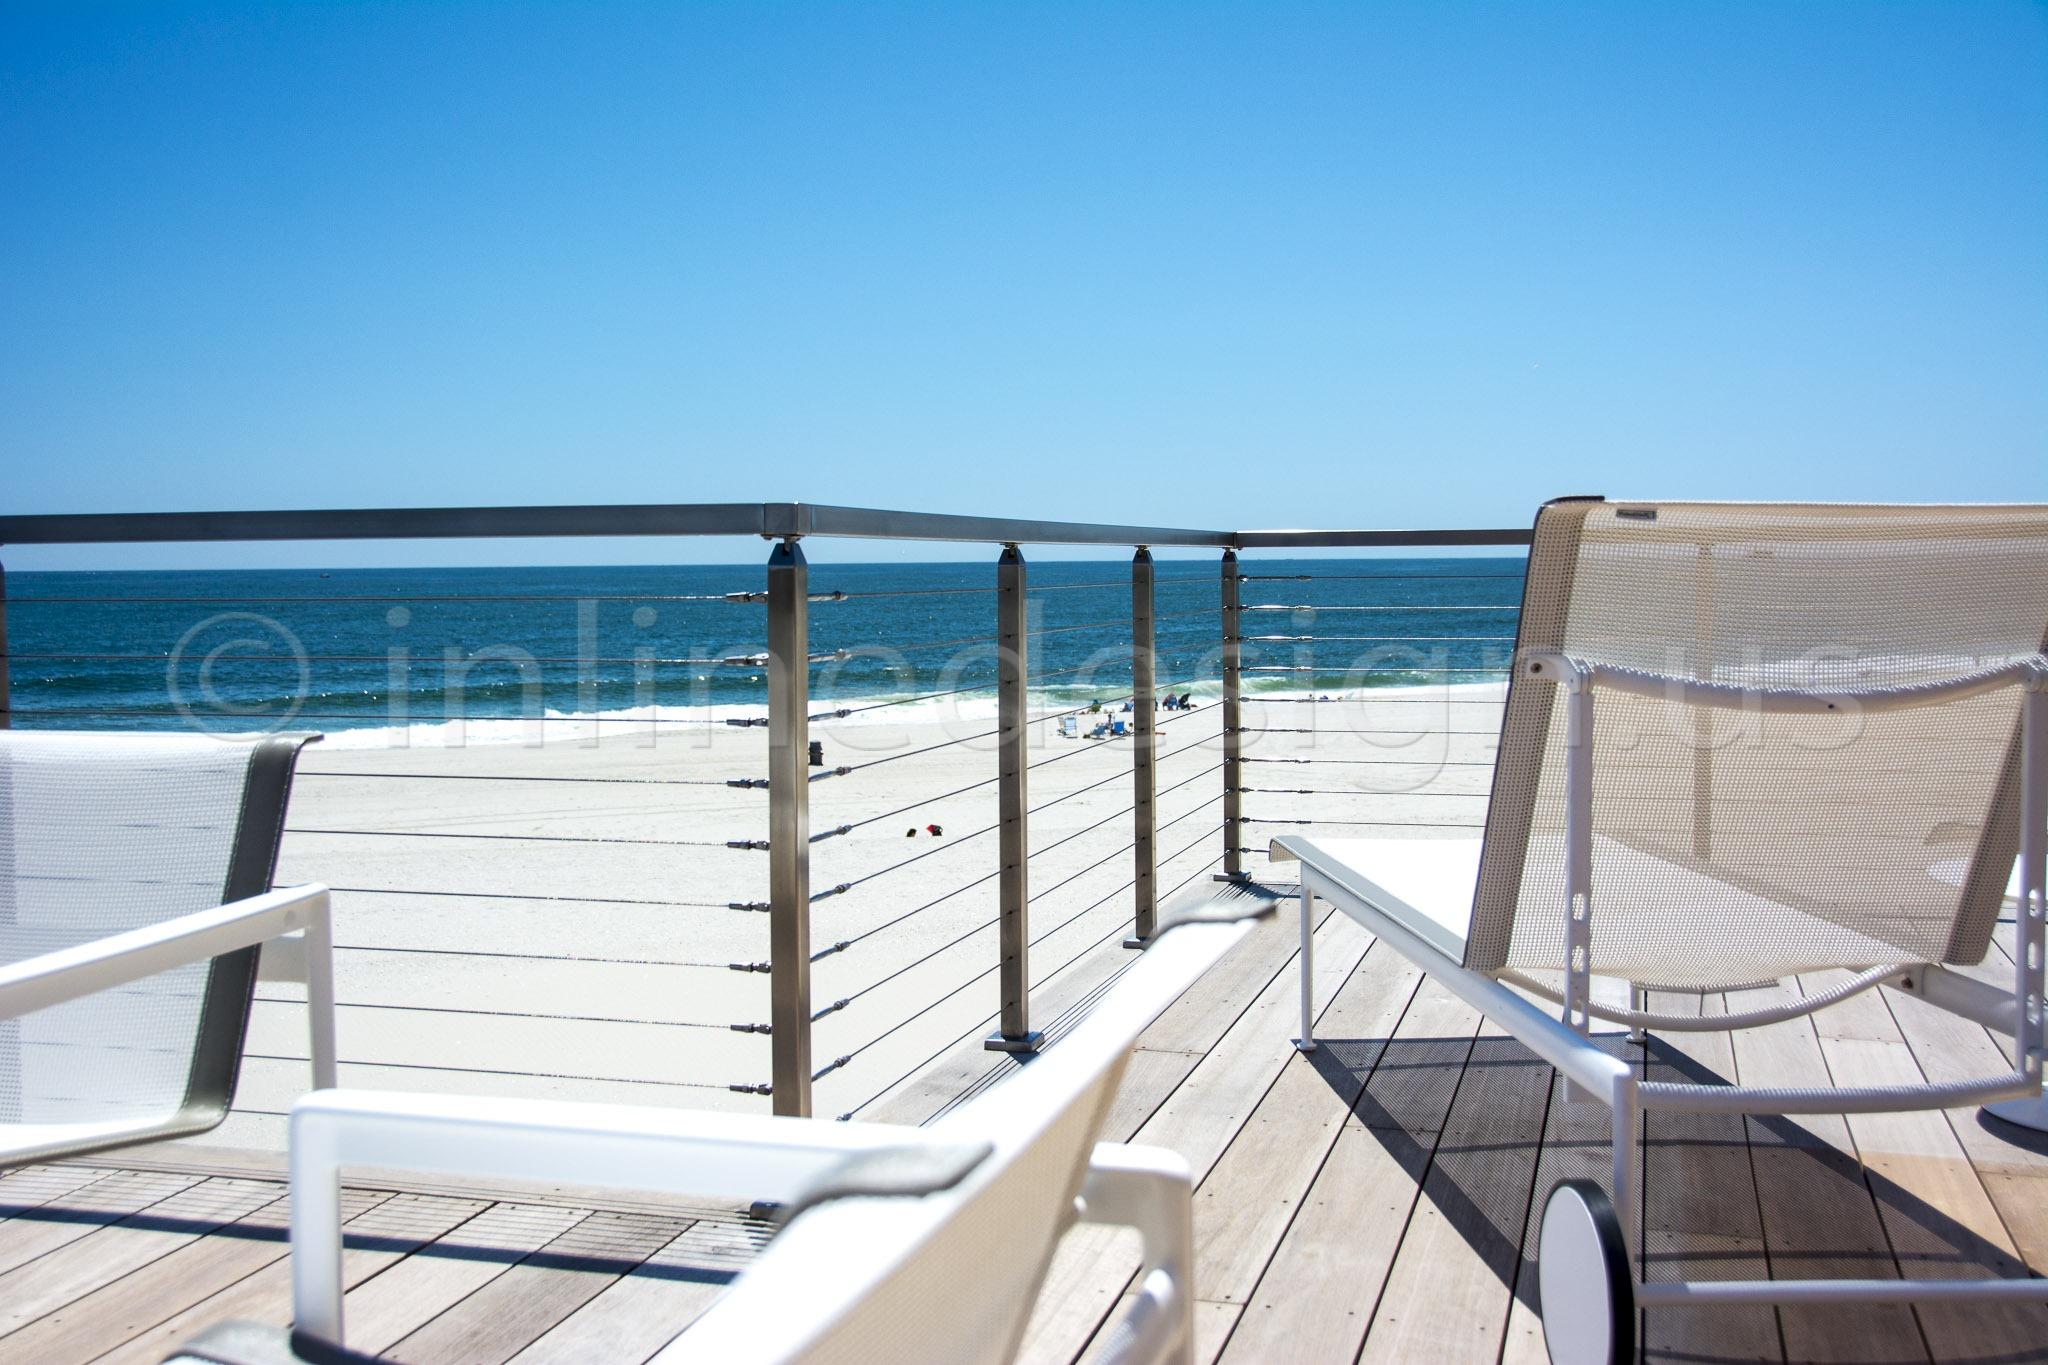 ocean view rail deck